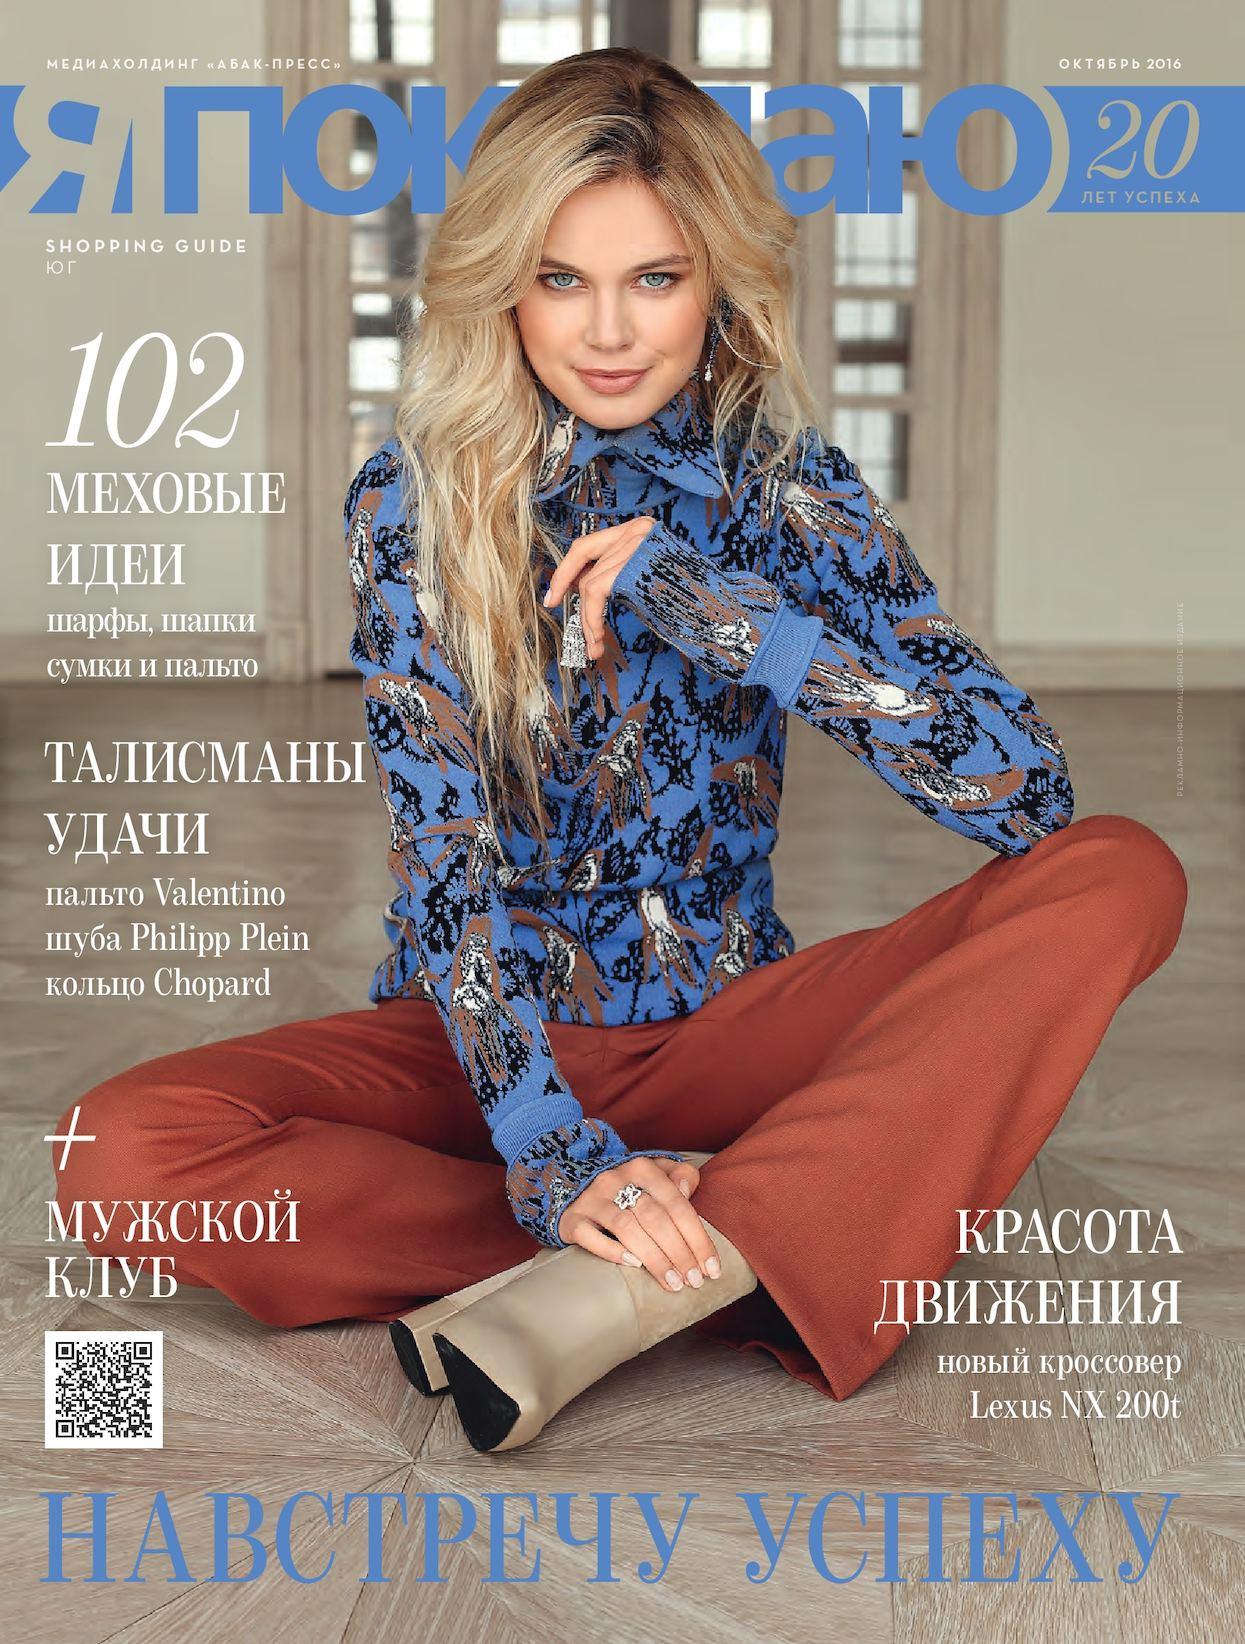 Полина зайцева модель алиса миллер — photo 14